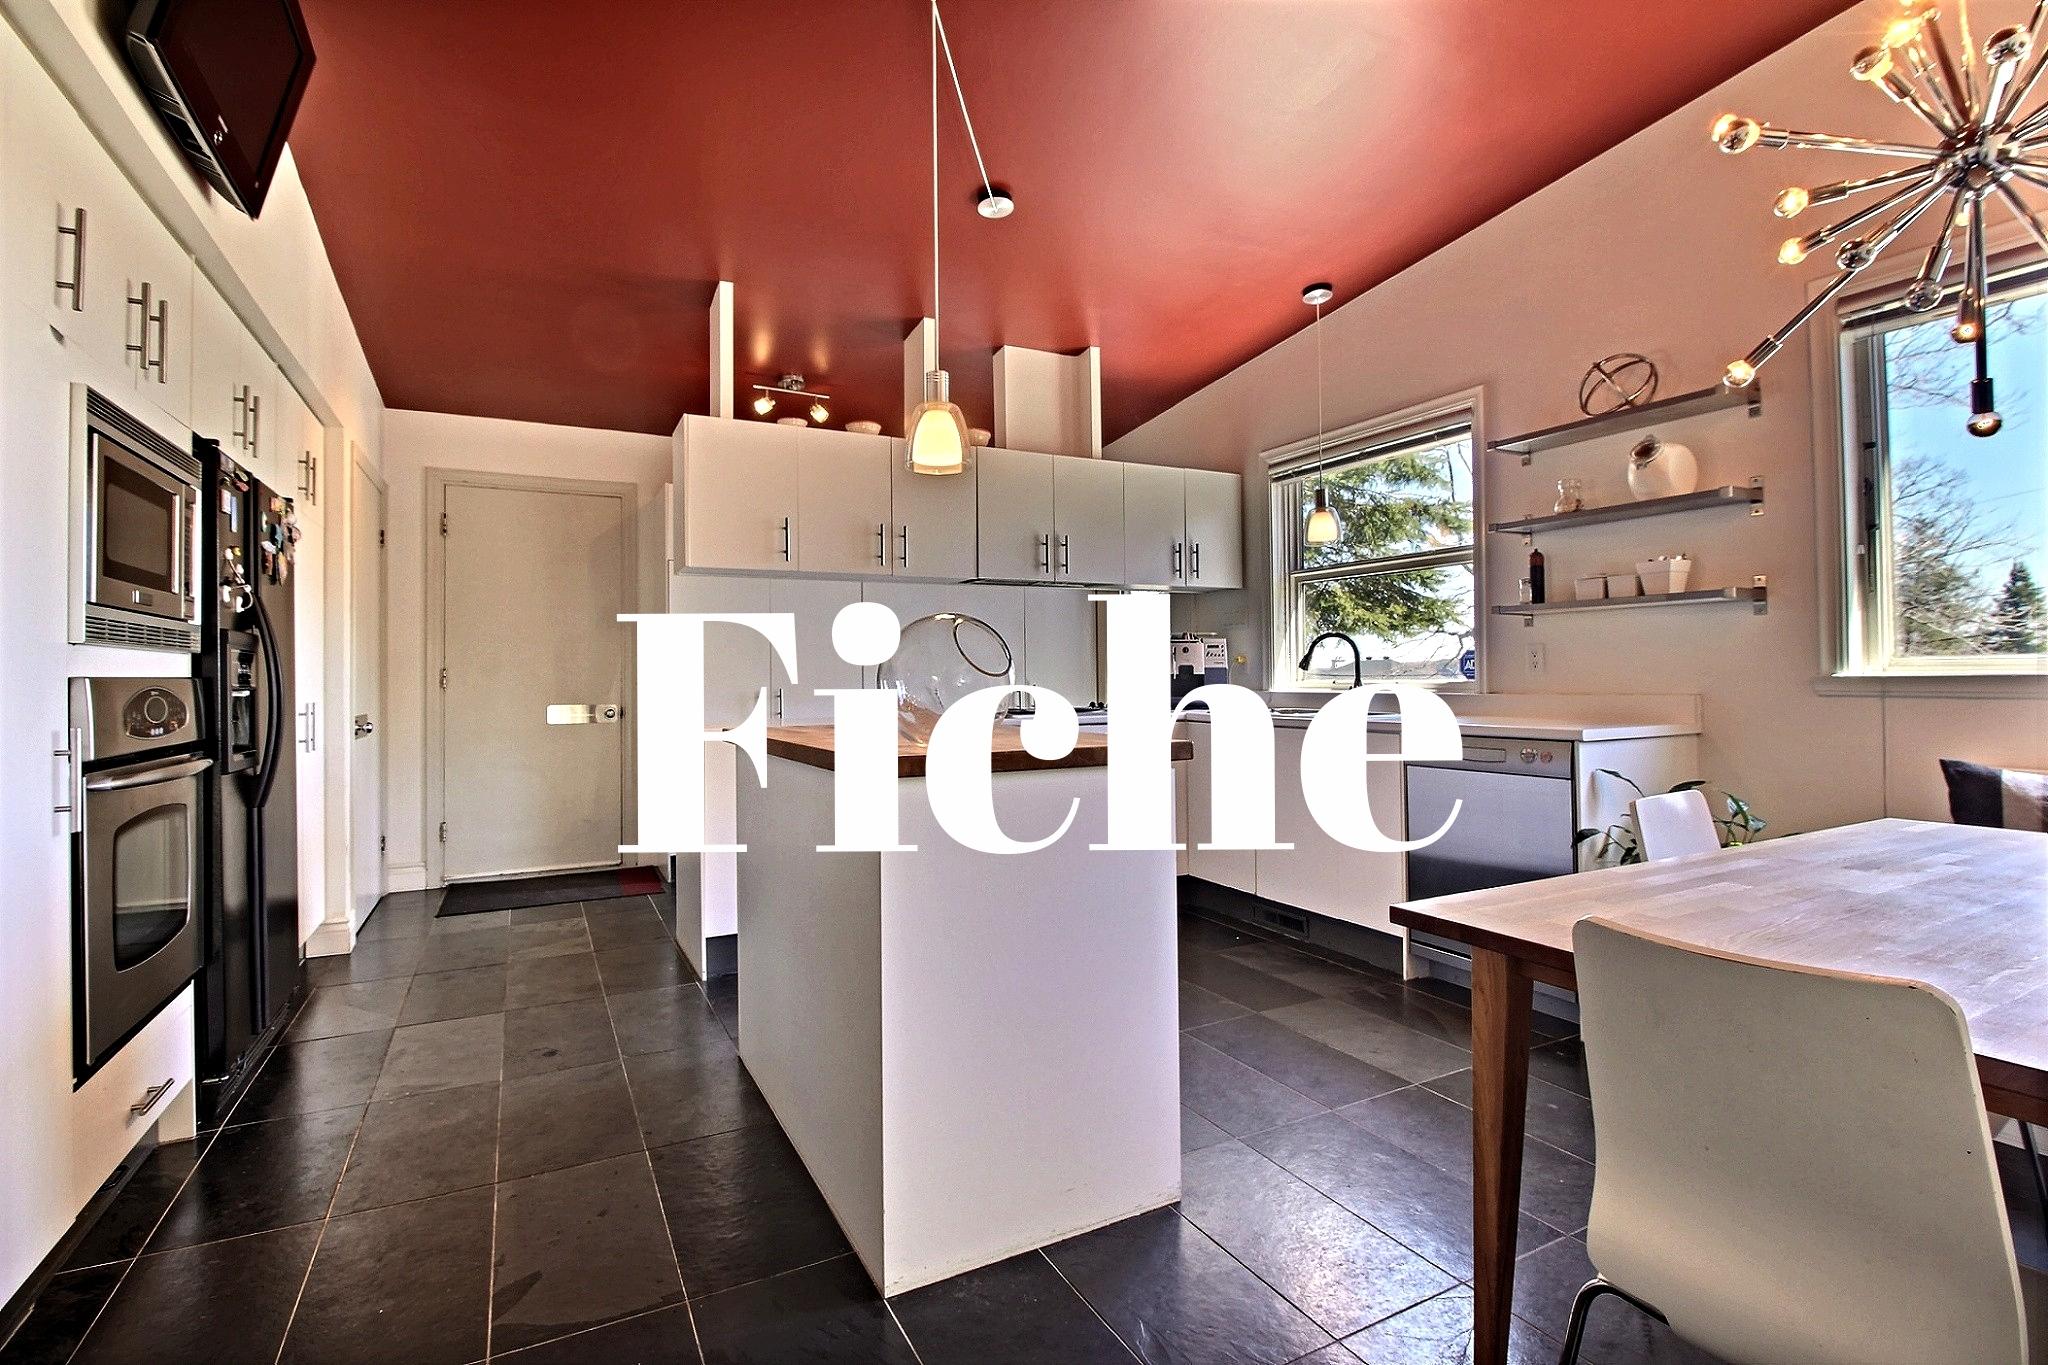 Maison à vendre Québec secteur St-Louis 3018 Rue de la Promenade (8).jpg